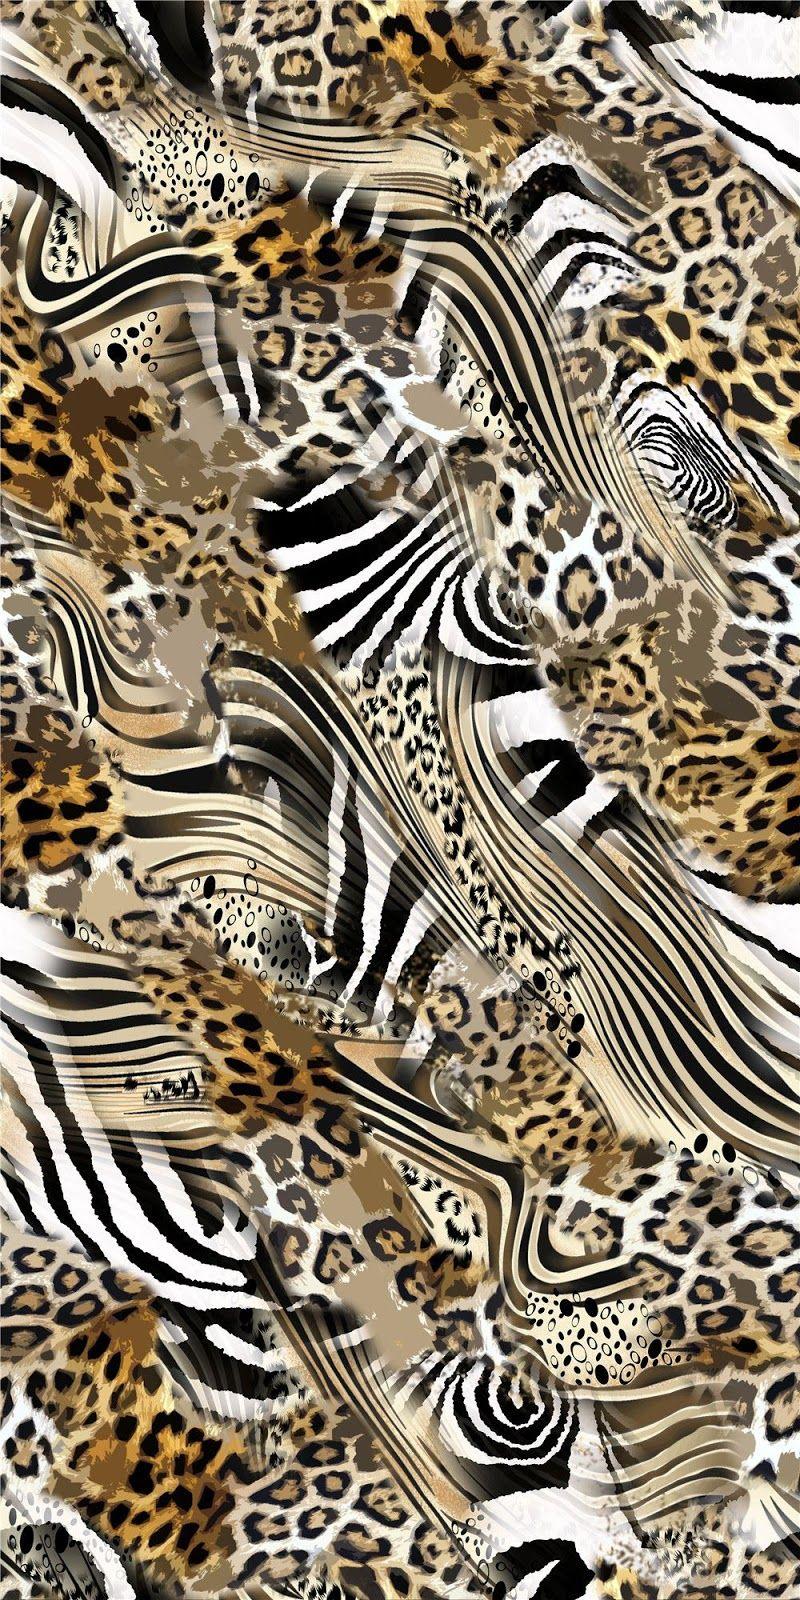 Digital Print Animal Skin Collage Design Patterns Studio Animal Print Wallpaper Collage Design Animal Prints Pattern